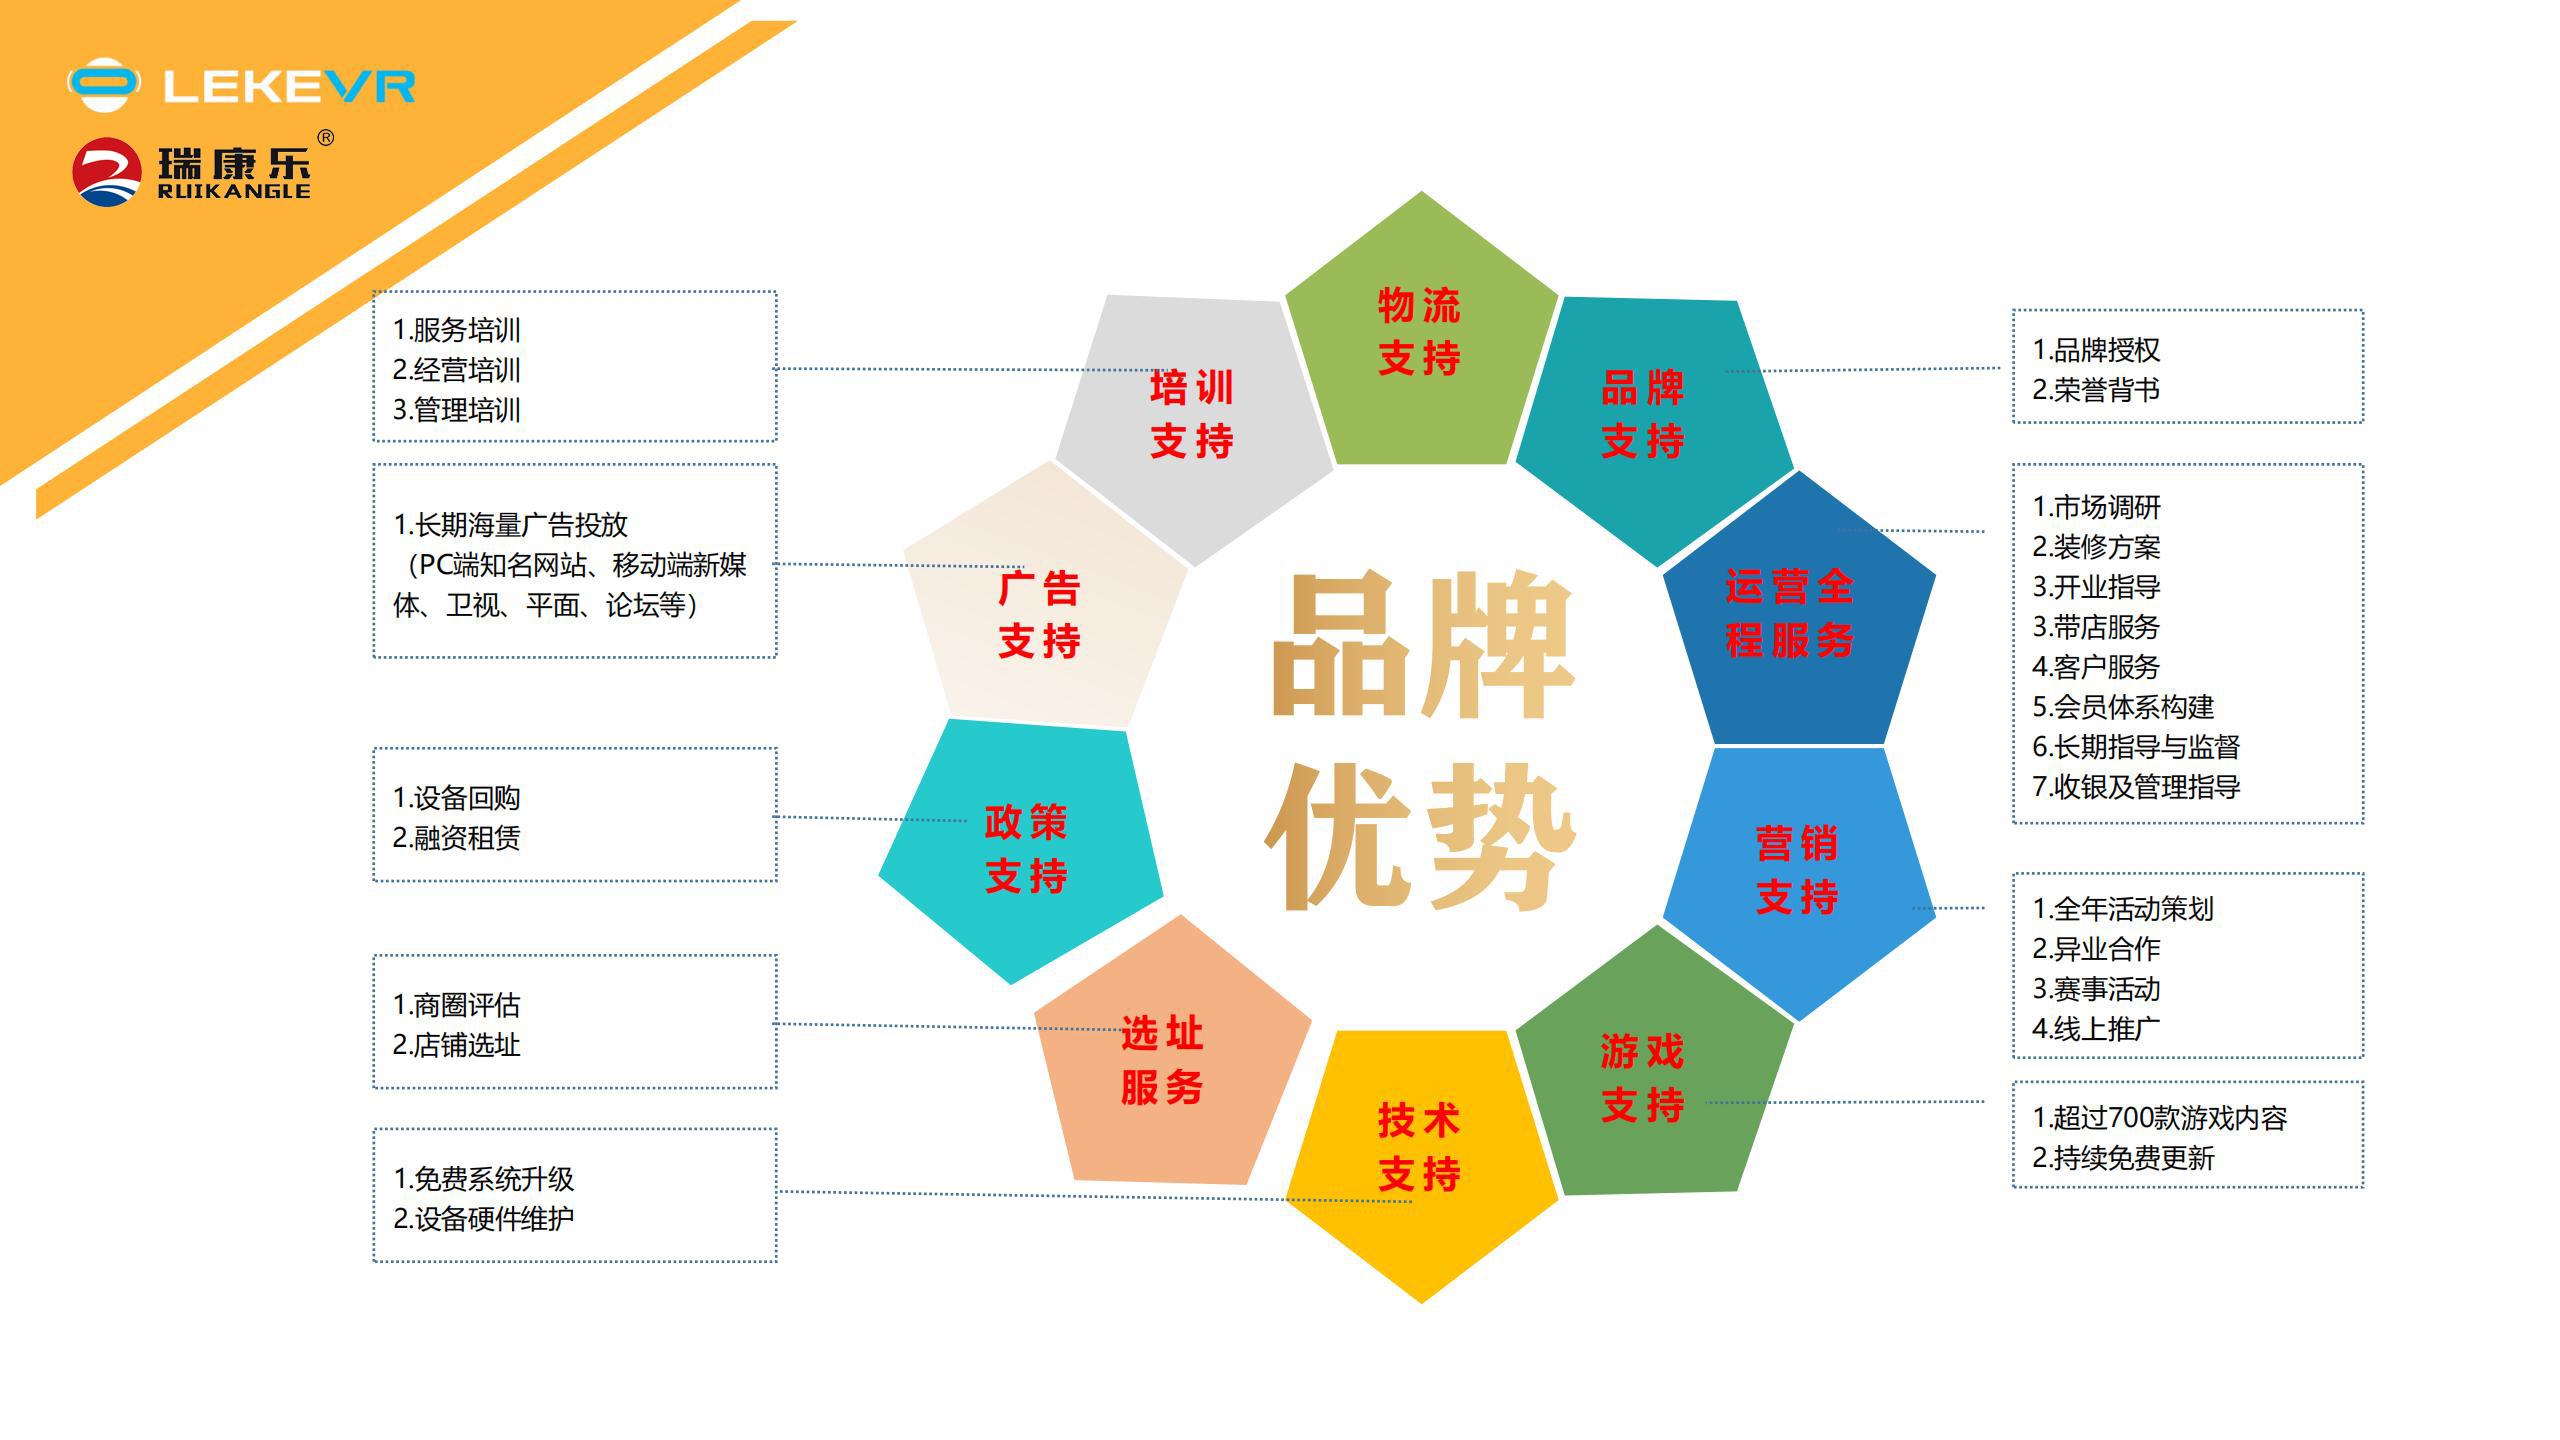 乐客VR联营项目介绍_14